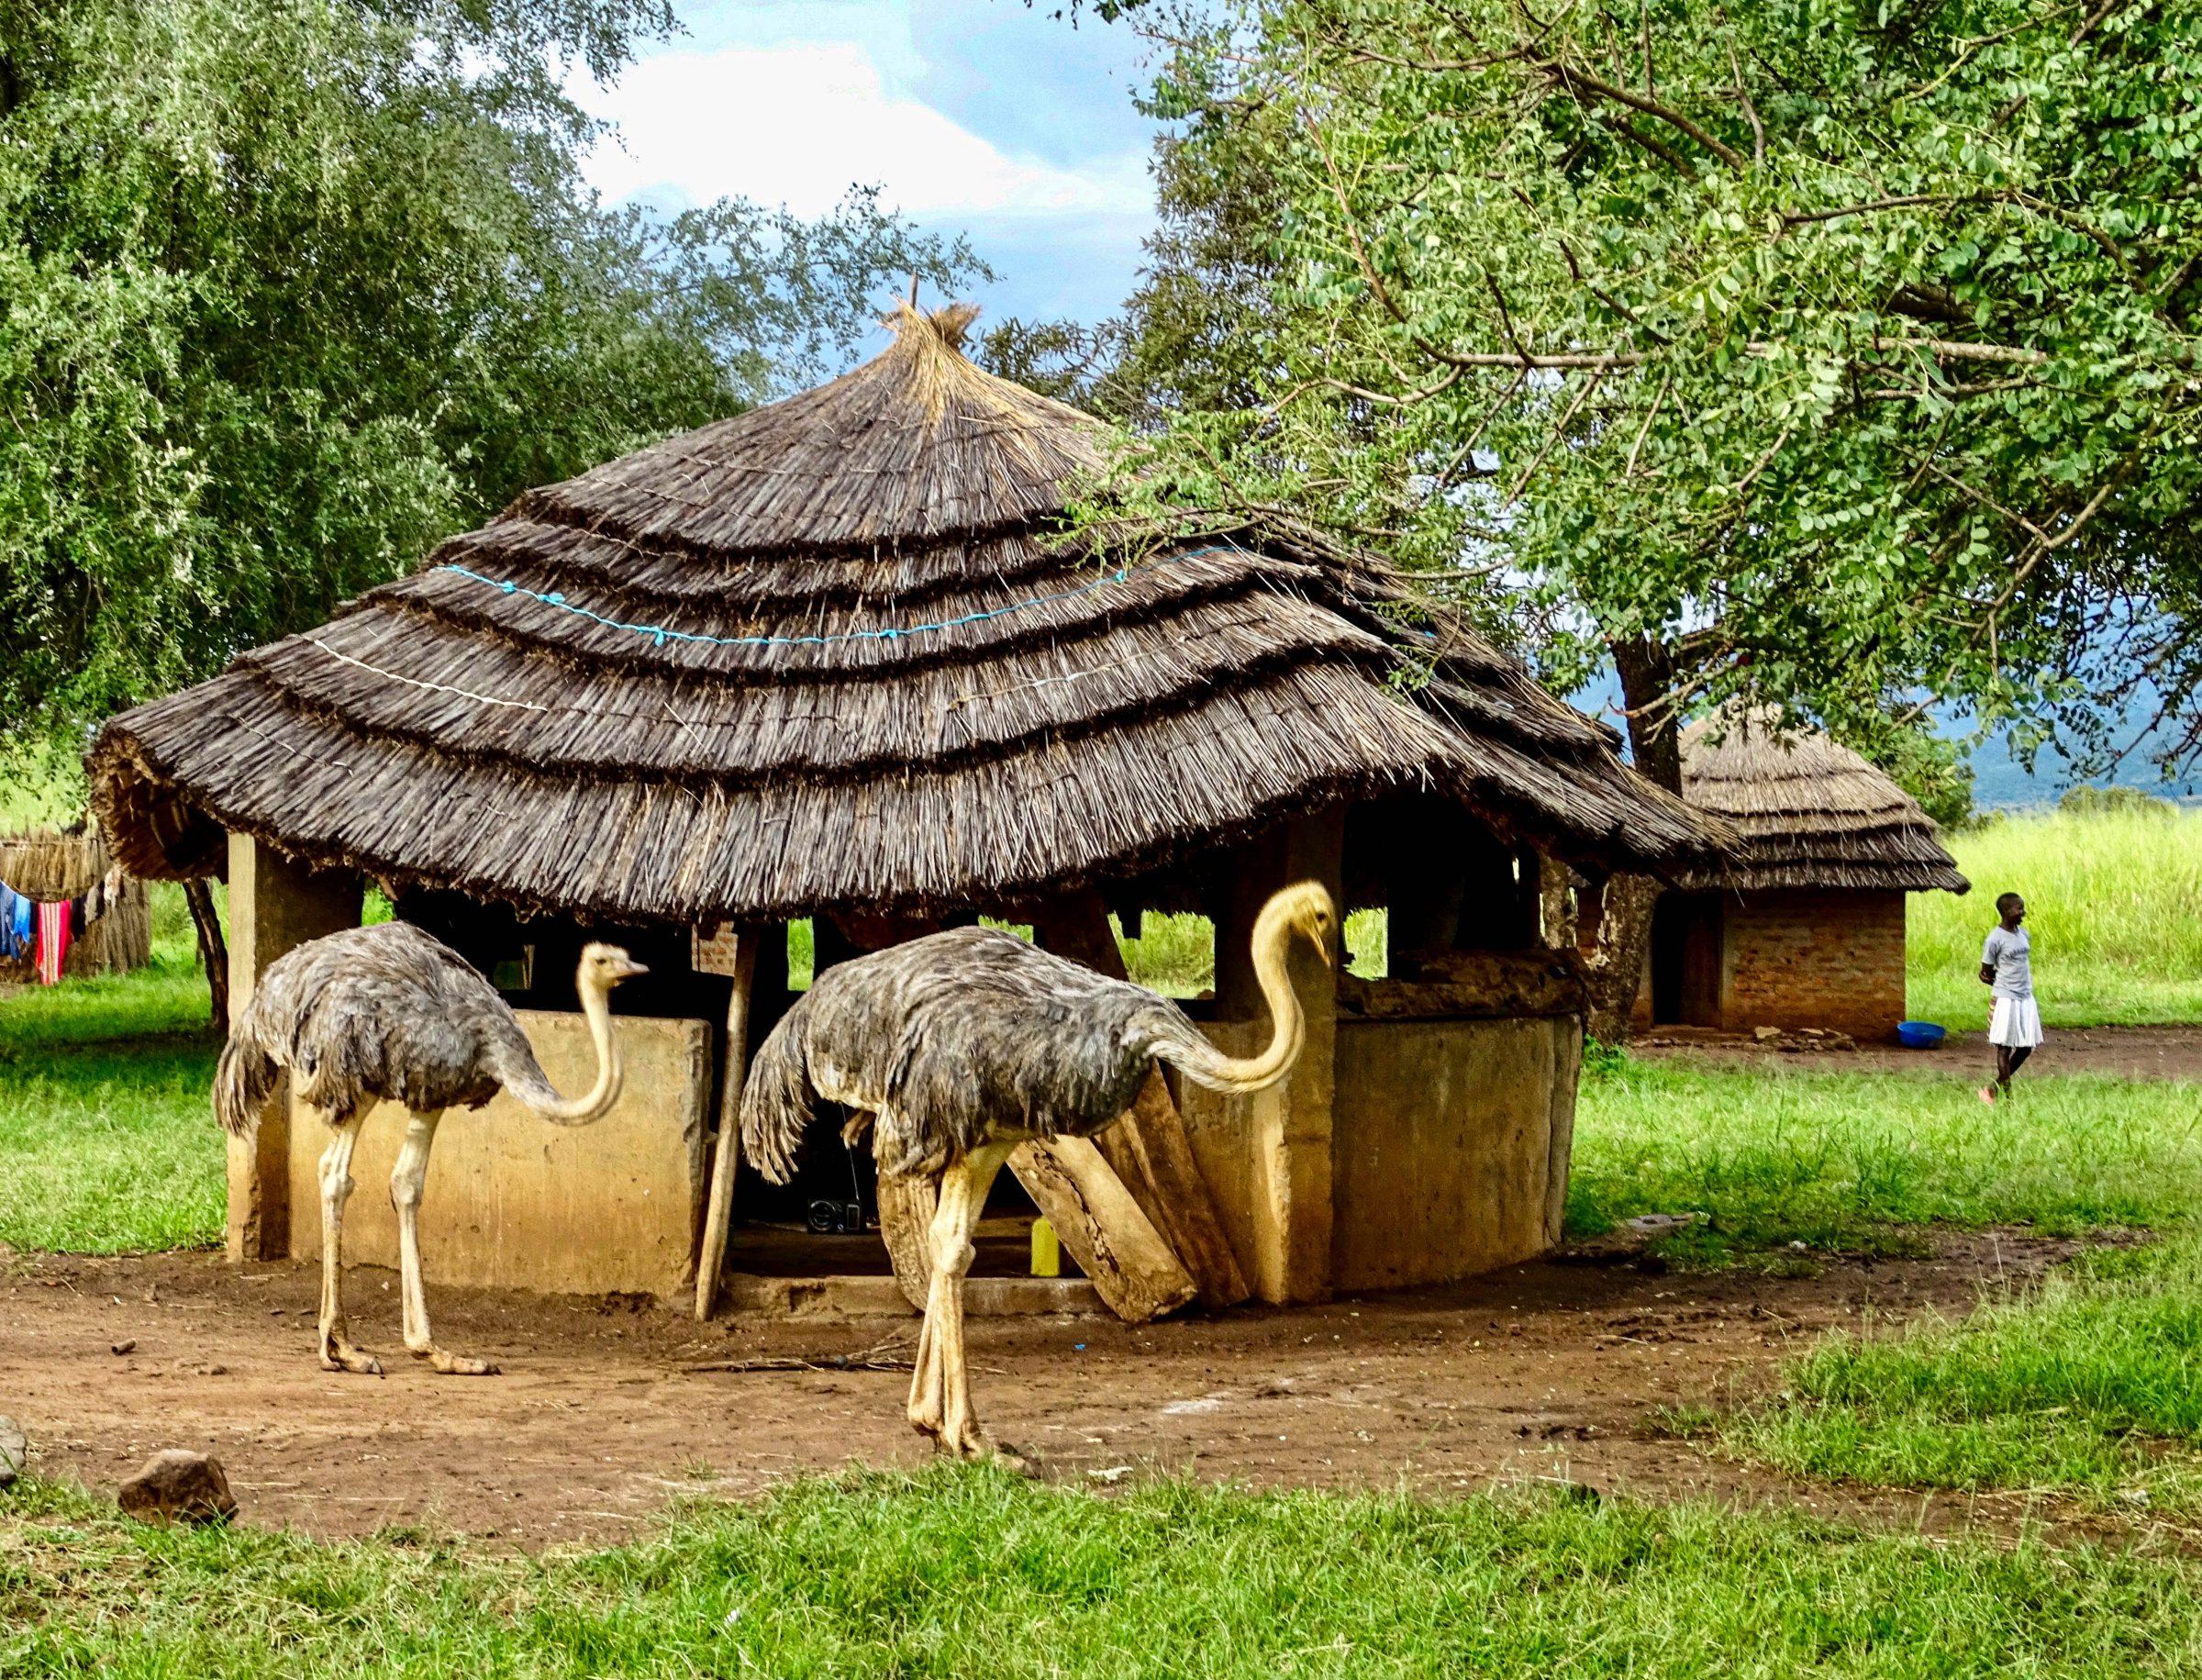 Twee struisvogels houden een inspectie in het restcamp van Pian Upe Wildlife Reserve